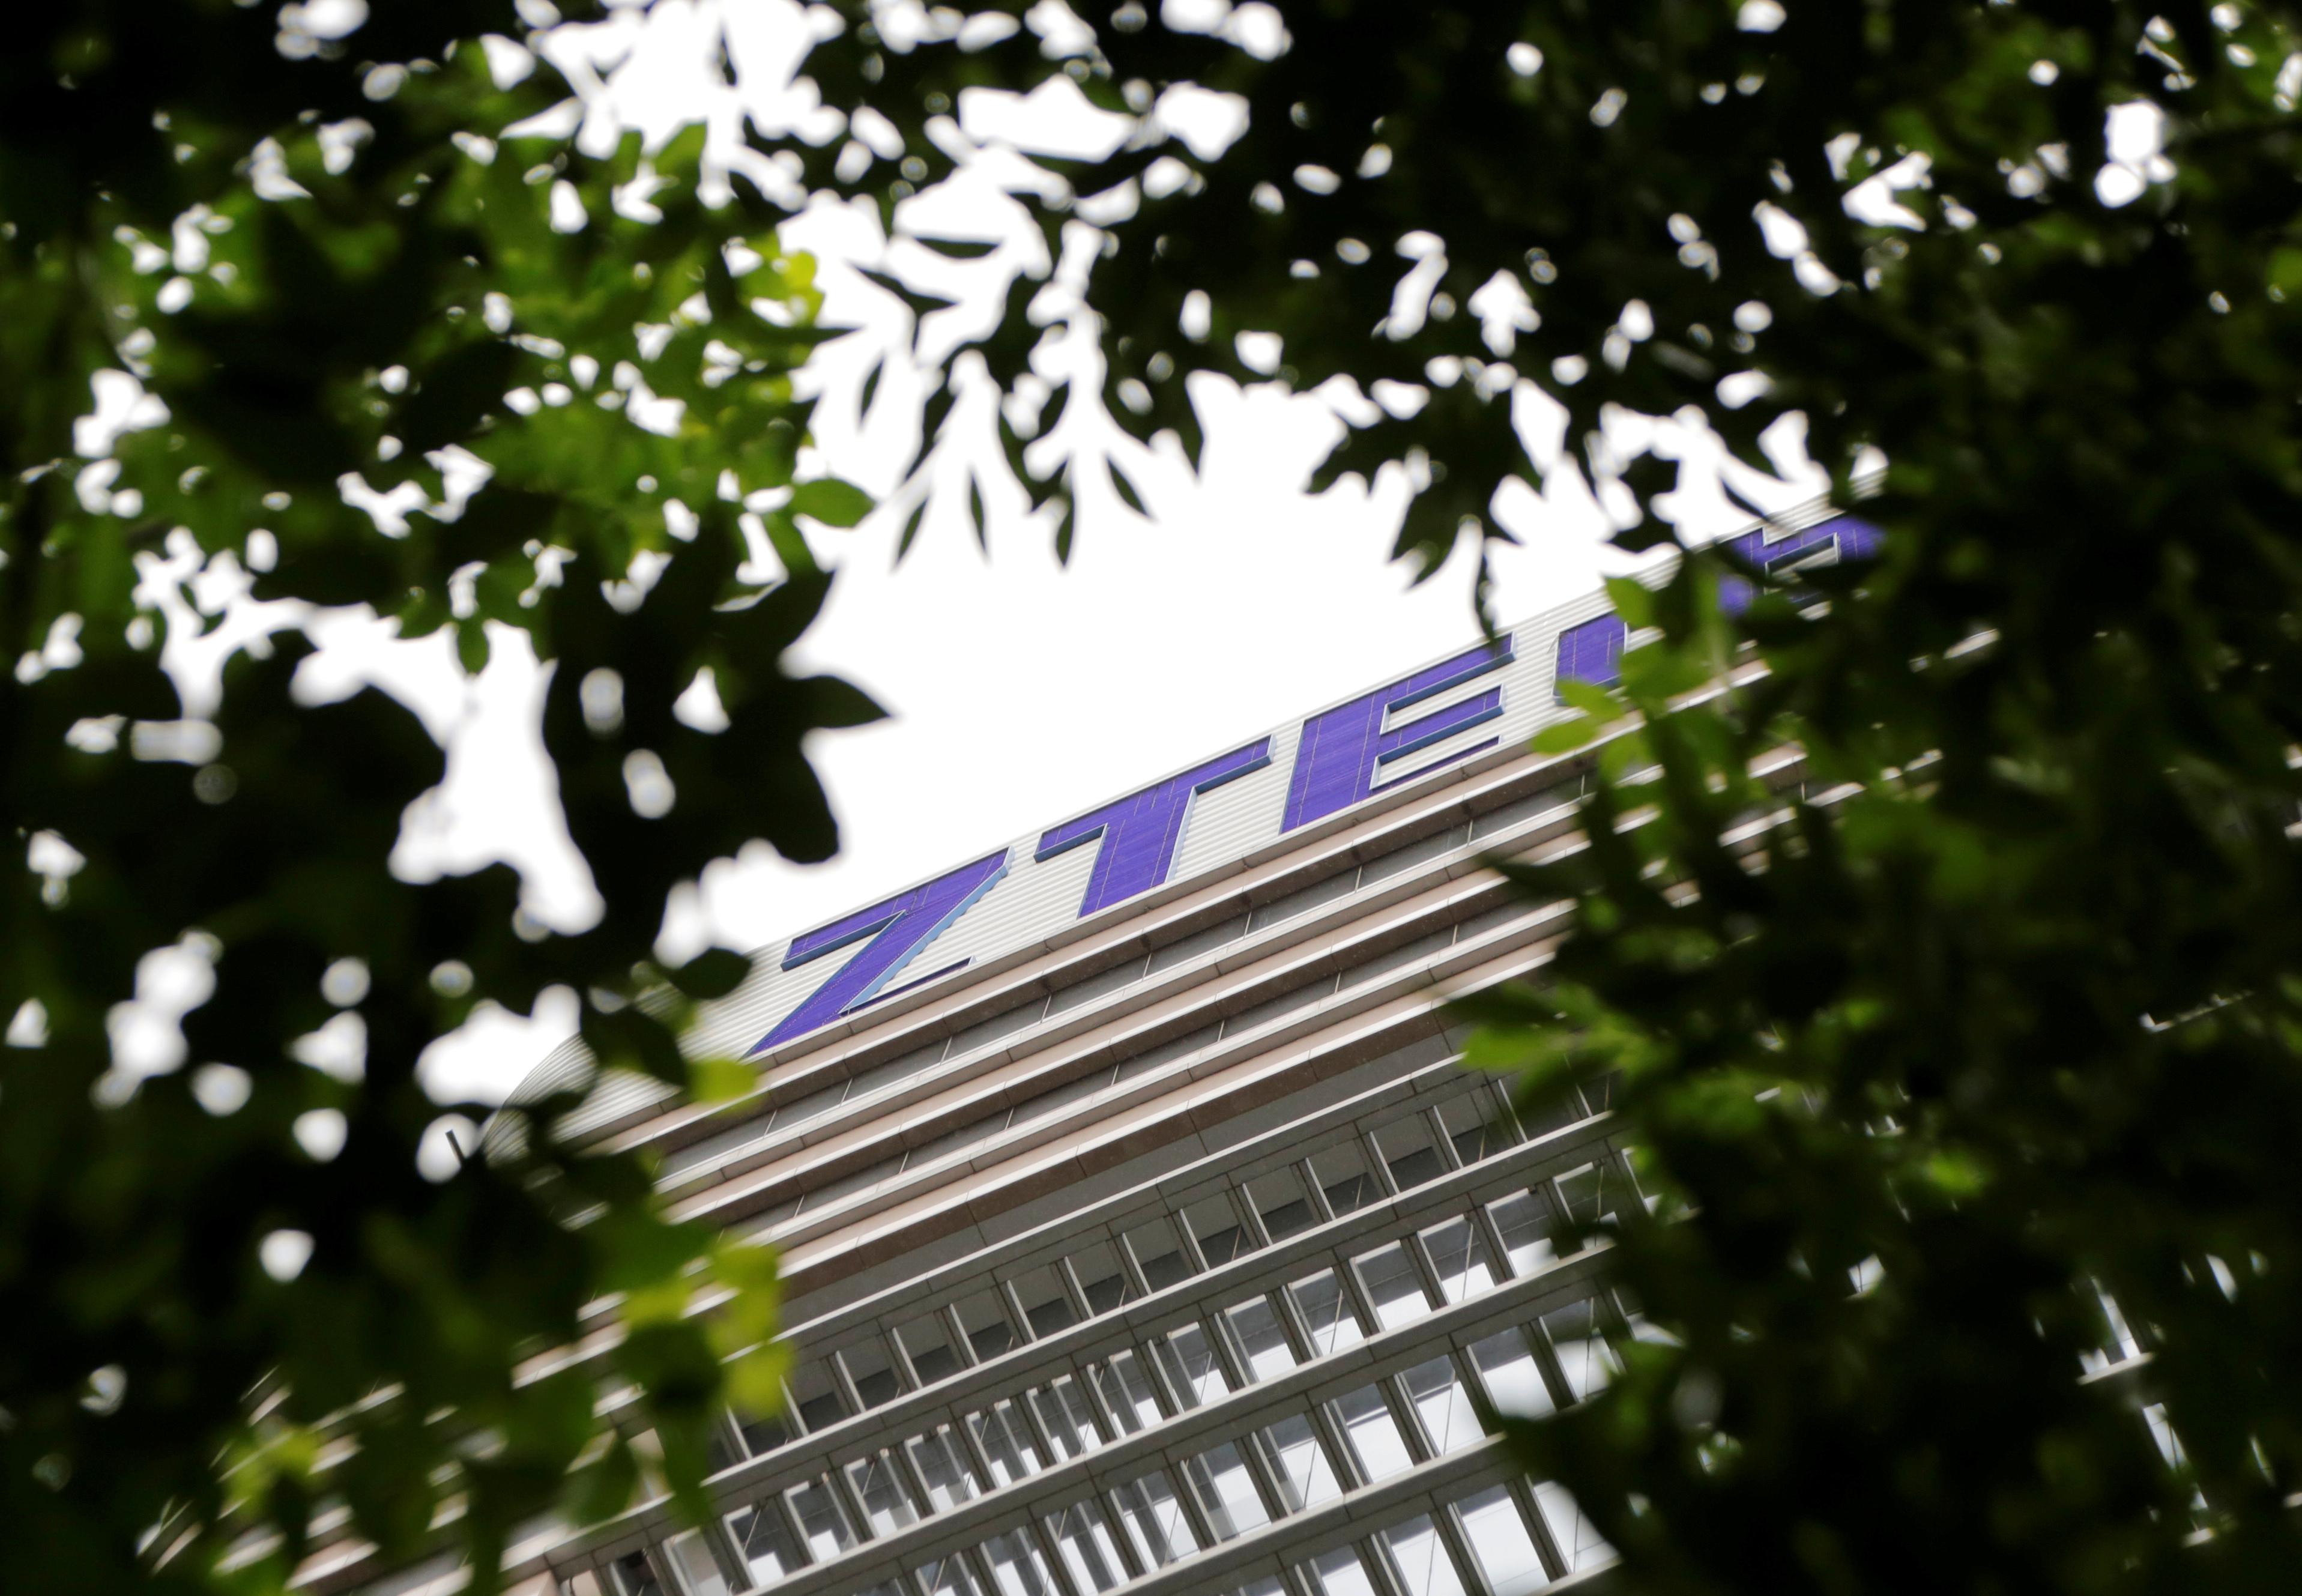 Hoa Kỳ cân nhắc ban hành lệnh cấm các công ty Hoa Kỳ giao dịch với công ty Huawei và ZTE của Trung Cộng